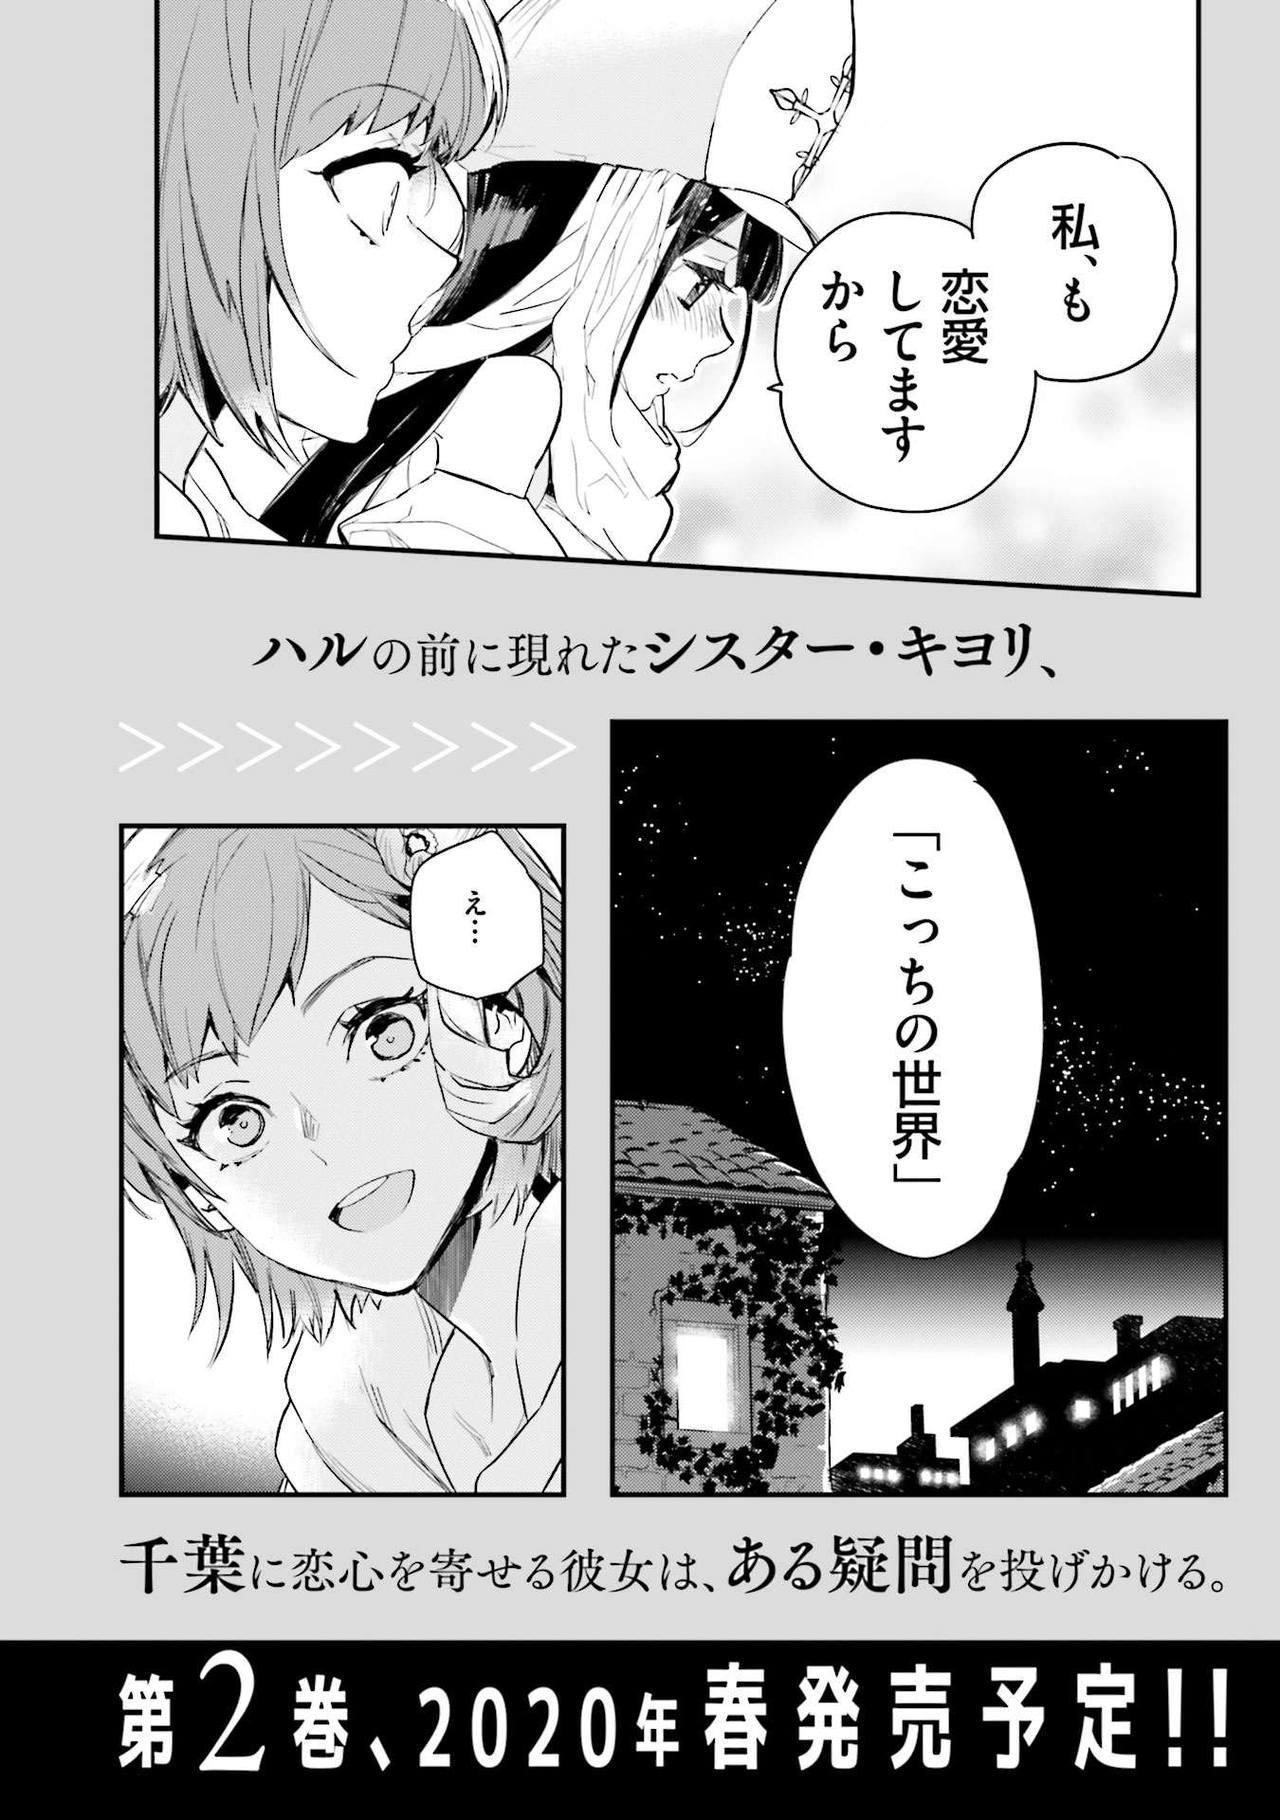 JK Haru wa Isekai de Shoufu ni Natta 1-14 175